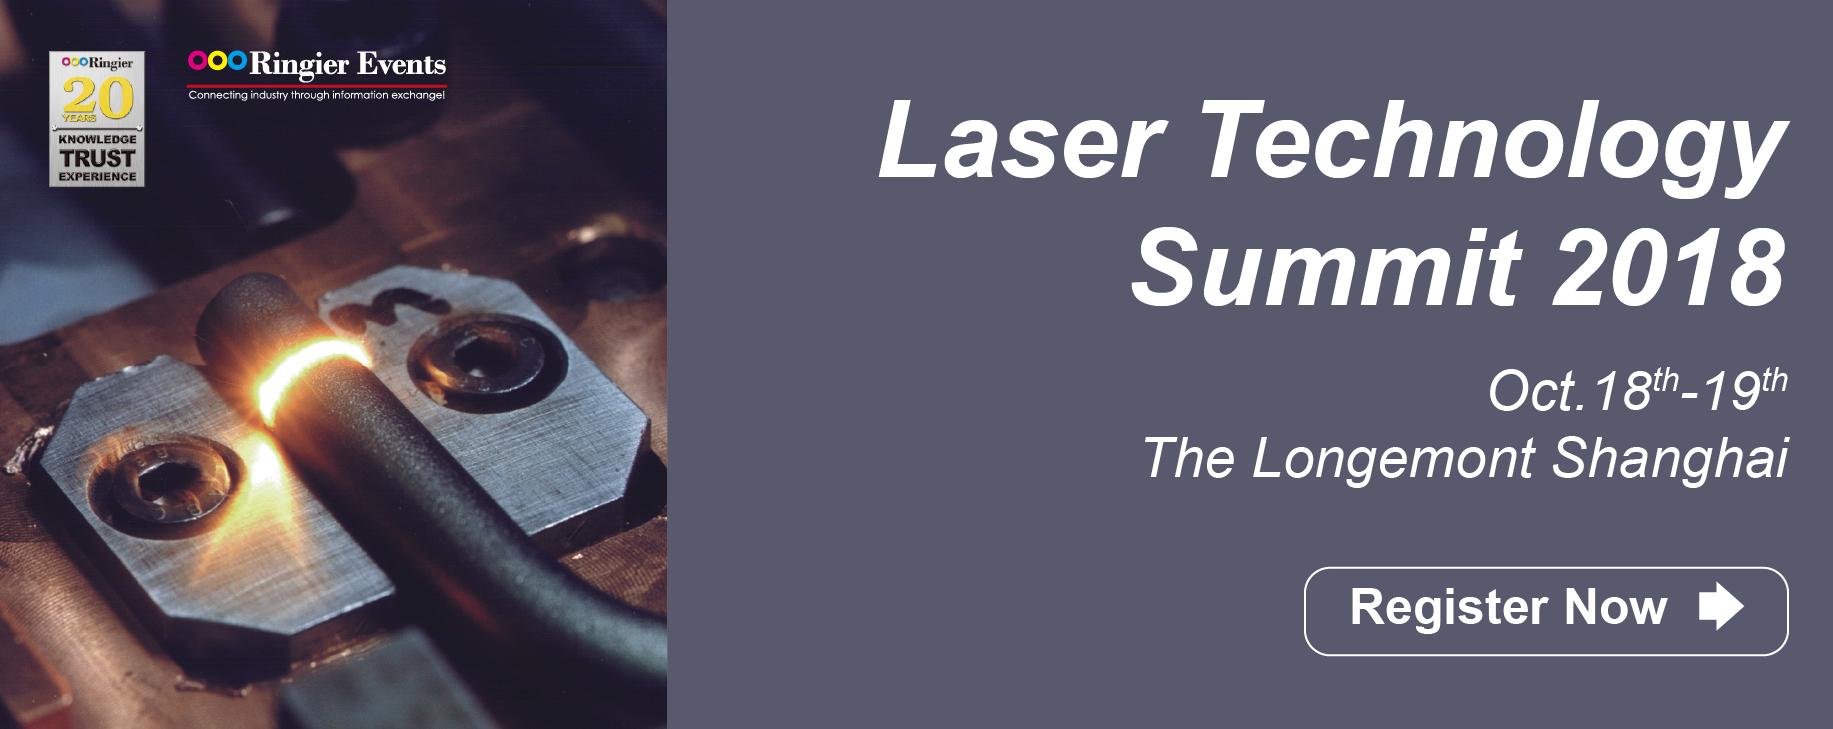 Laser Technology Summit 2018